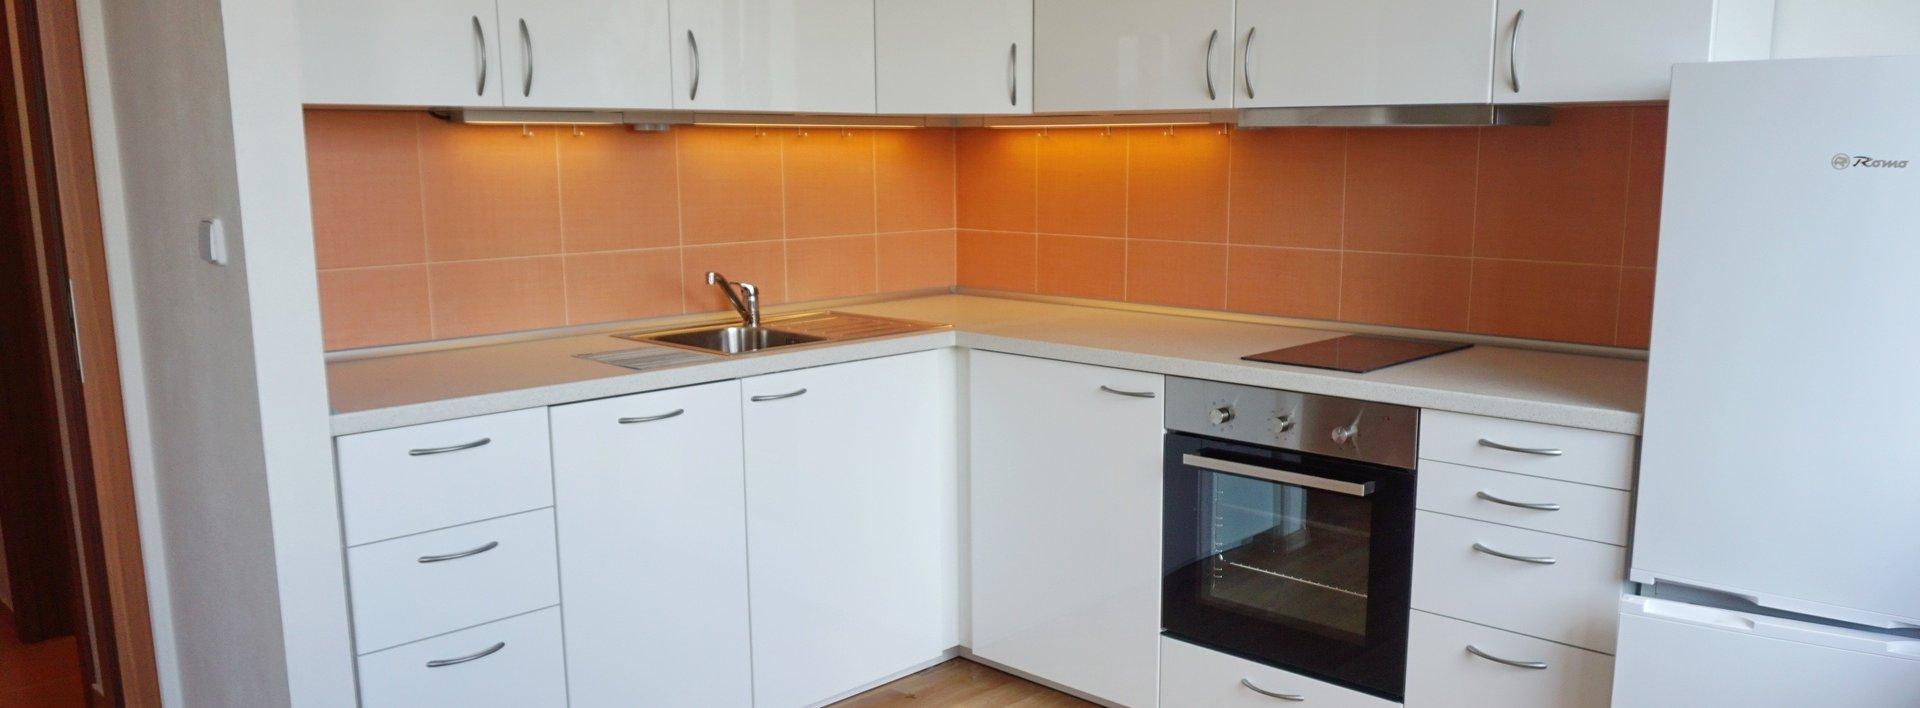 Pronájem zrekonstruovaného, čistého bytu 1+1 v Liberci - Františkově, Ev.č.: N48161